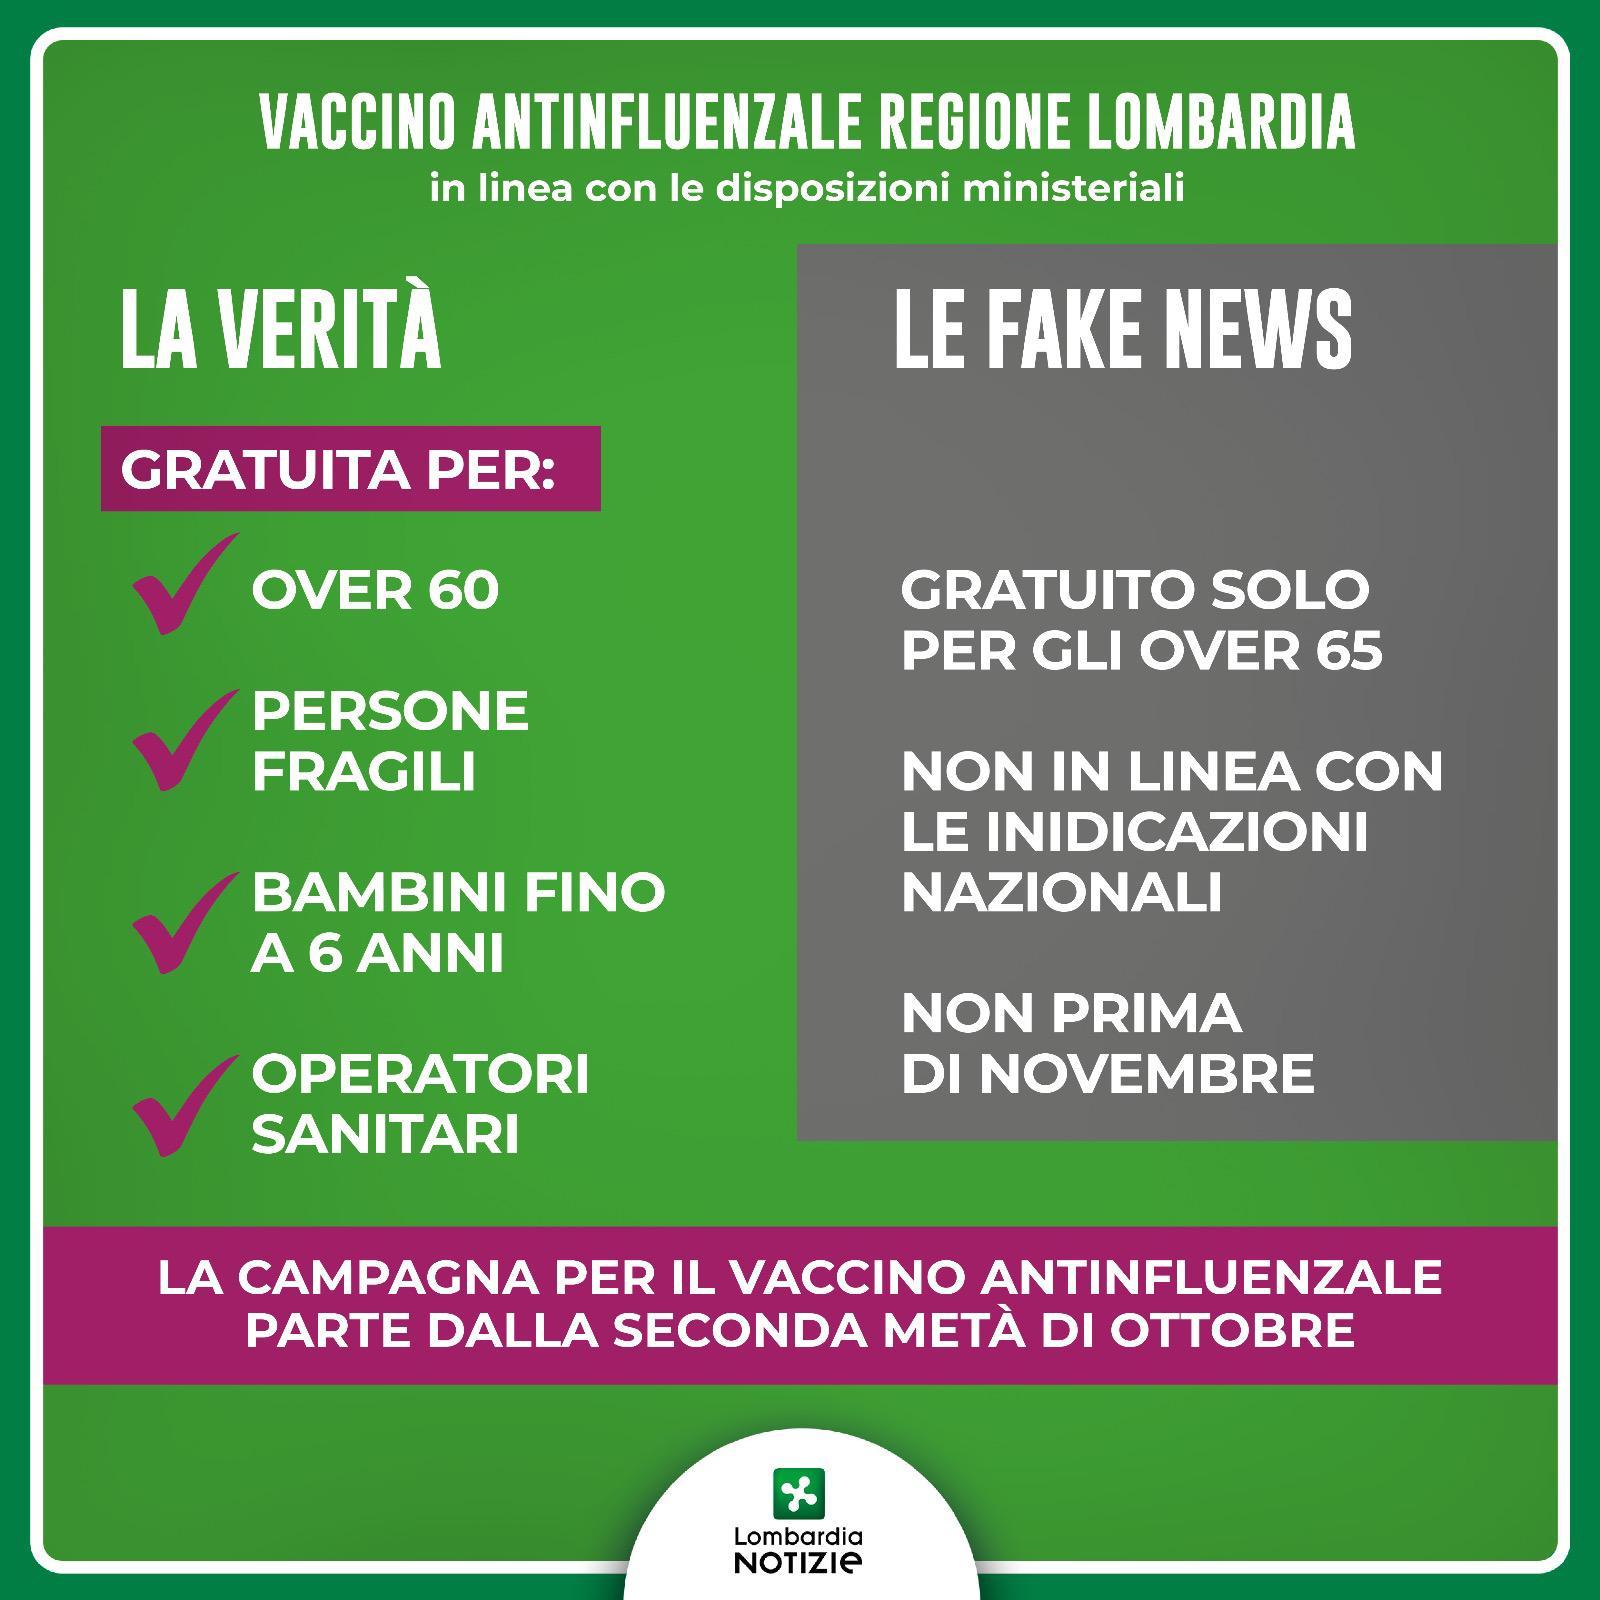 vaccini anti influenzali. querelle fra regione Lombardia e assessore del comune di Milano